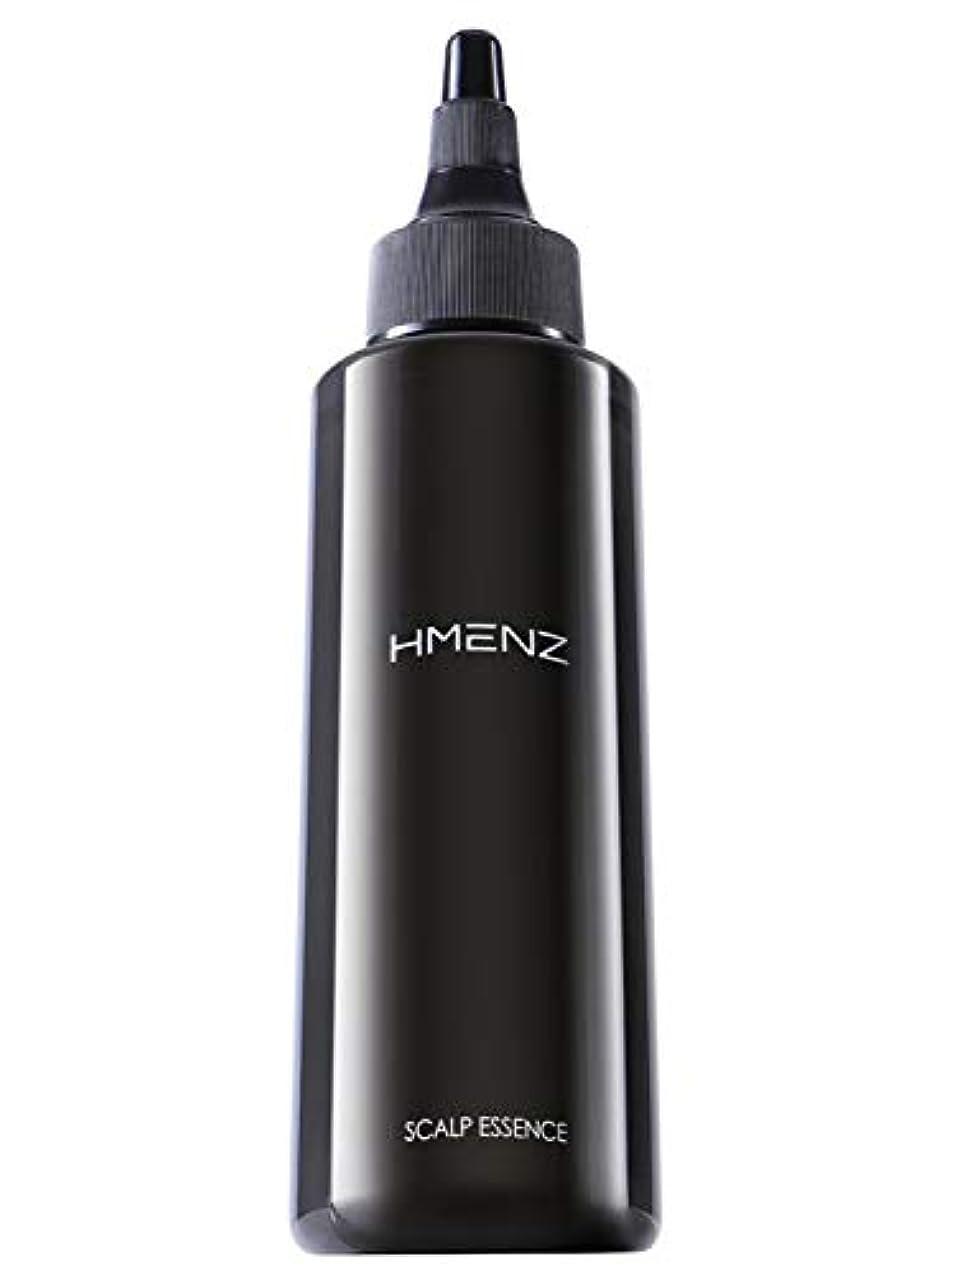 洗剤障害自発医薬部外品 HMENZ メンズ 育毛剤 スカルプエッセンス 毛髪エイジングケアシリーズ 和漢根 海藻配合 育毛トニック 120ml